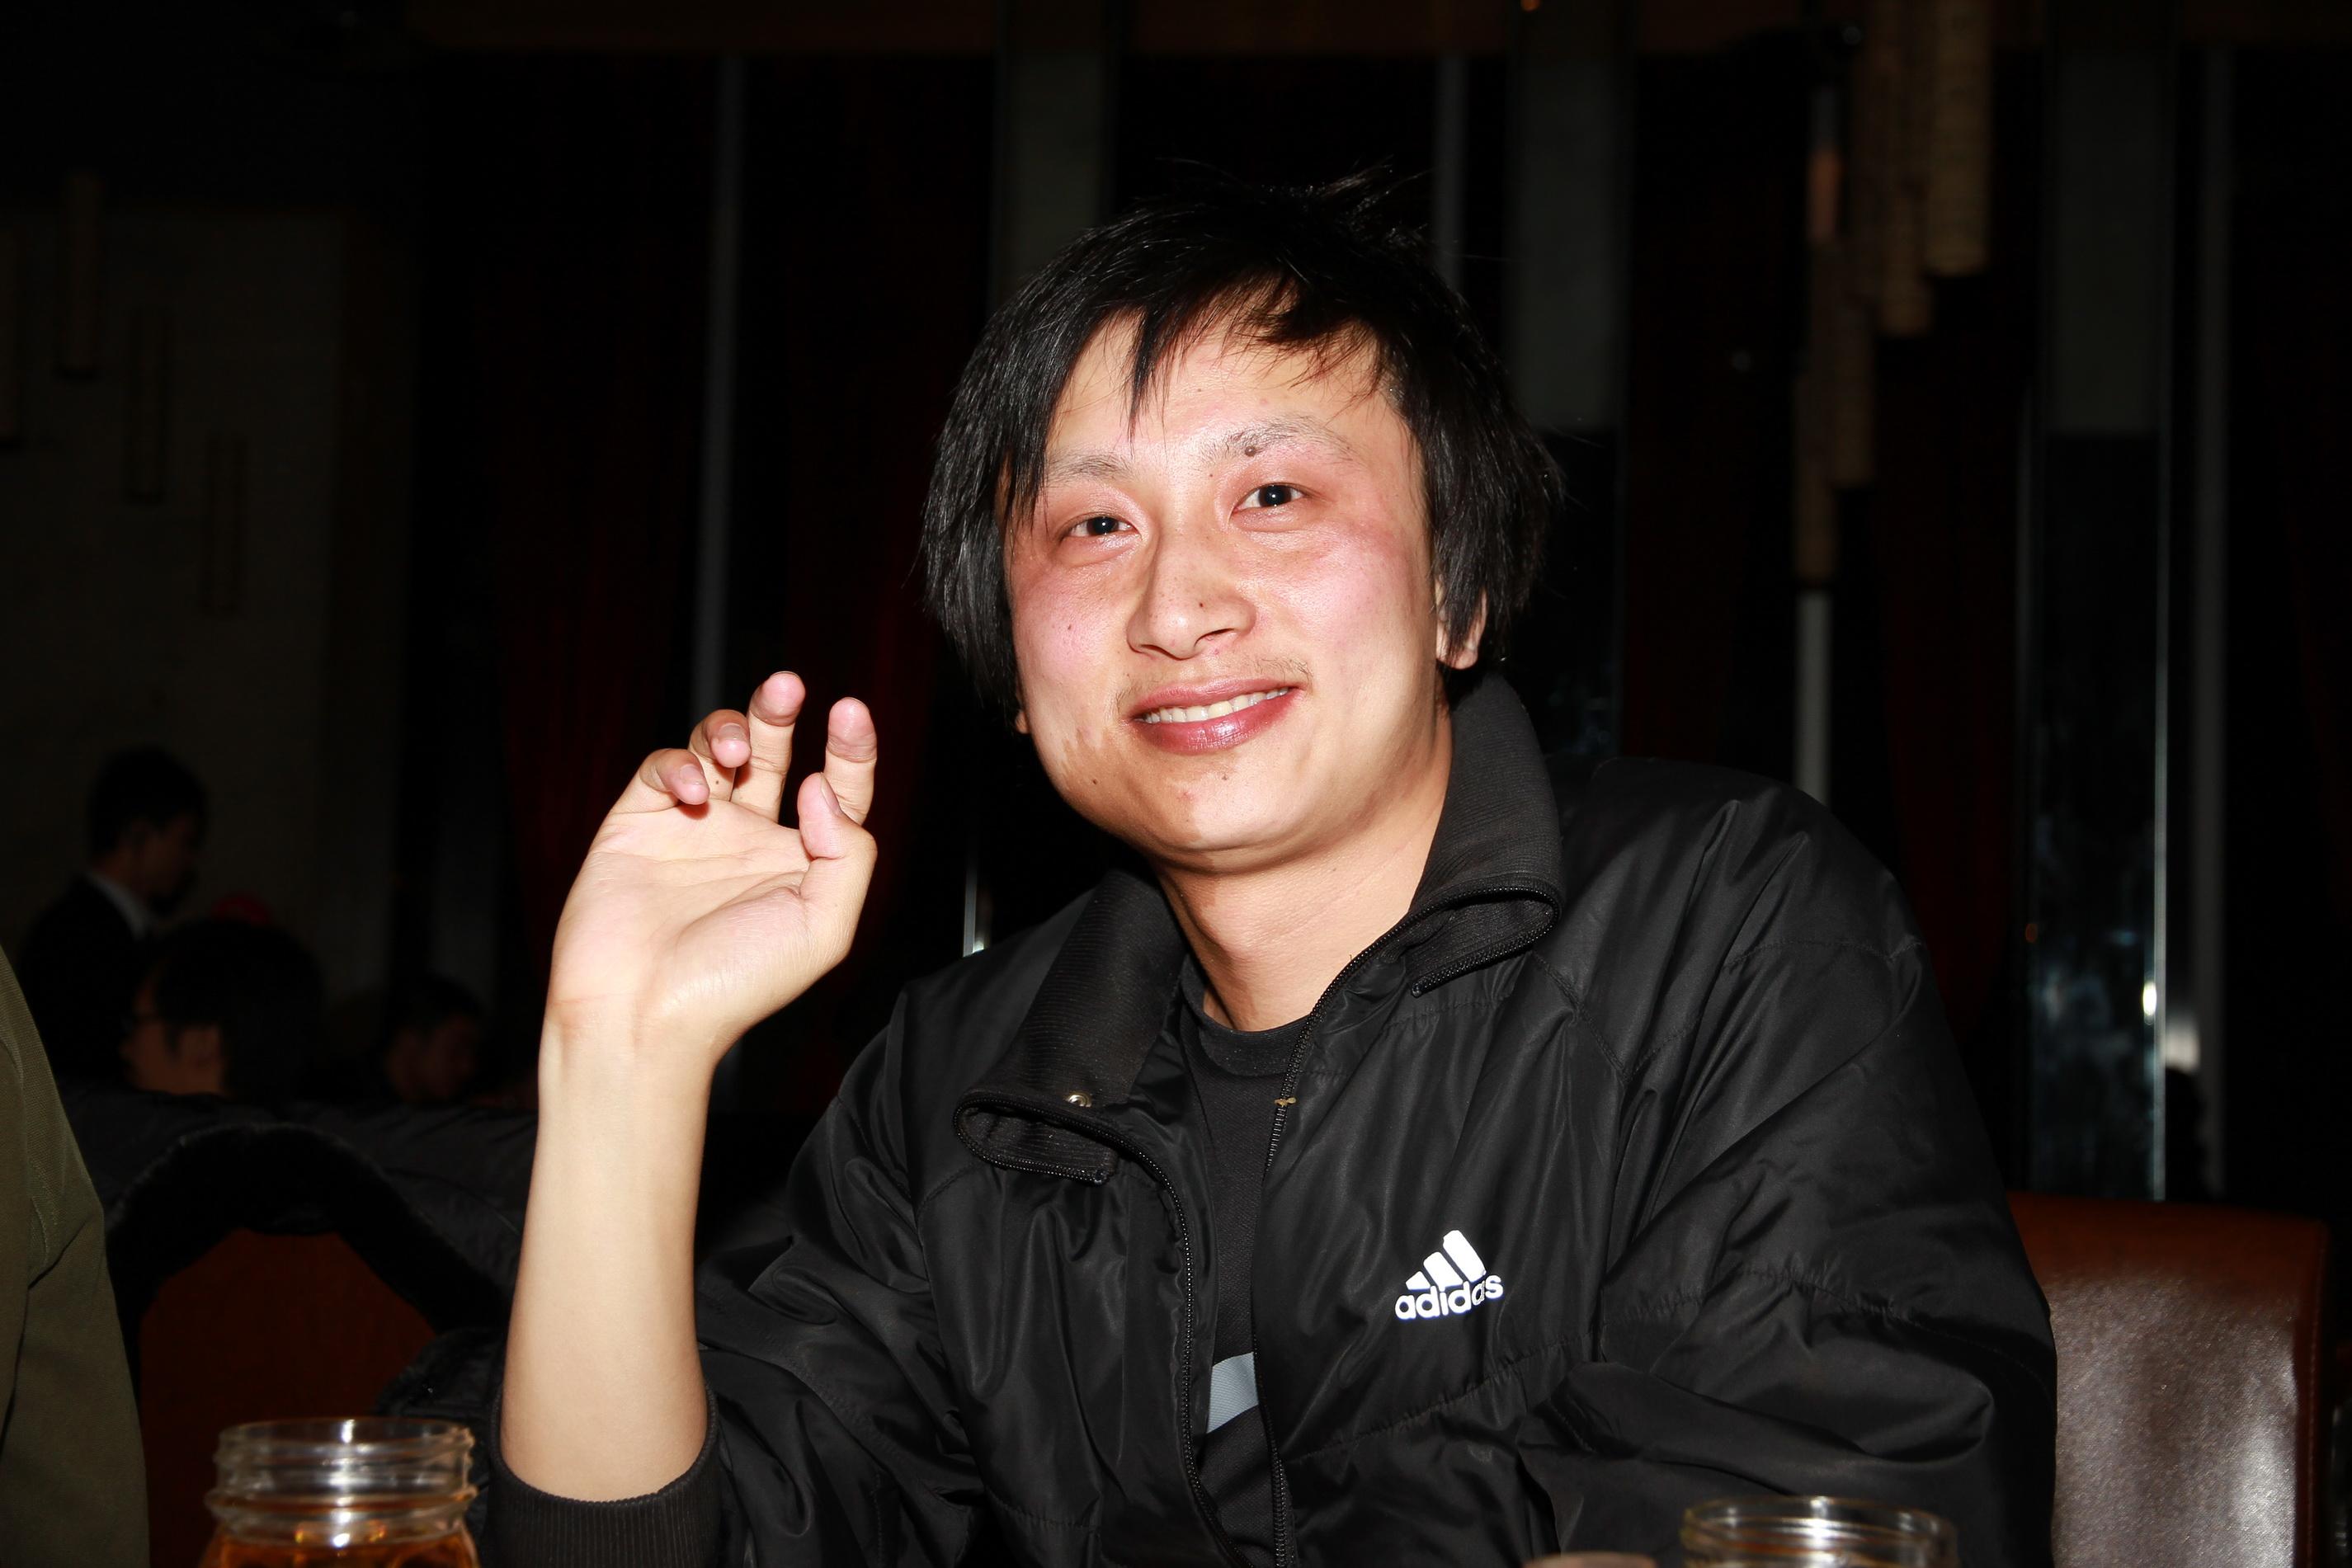 CU400_BeiJing_20100320 (20).JPG